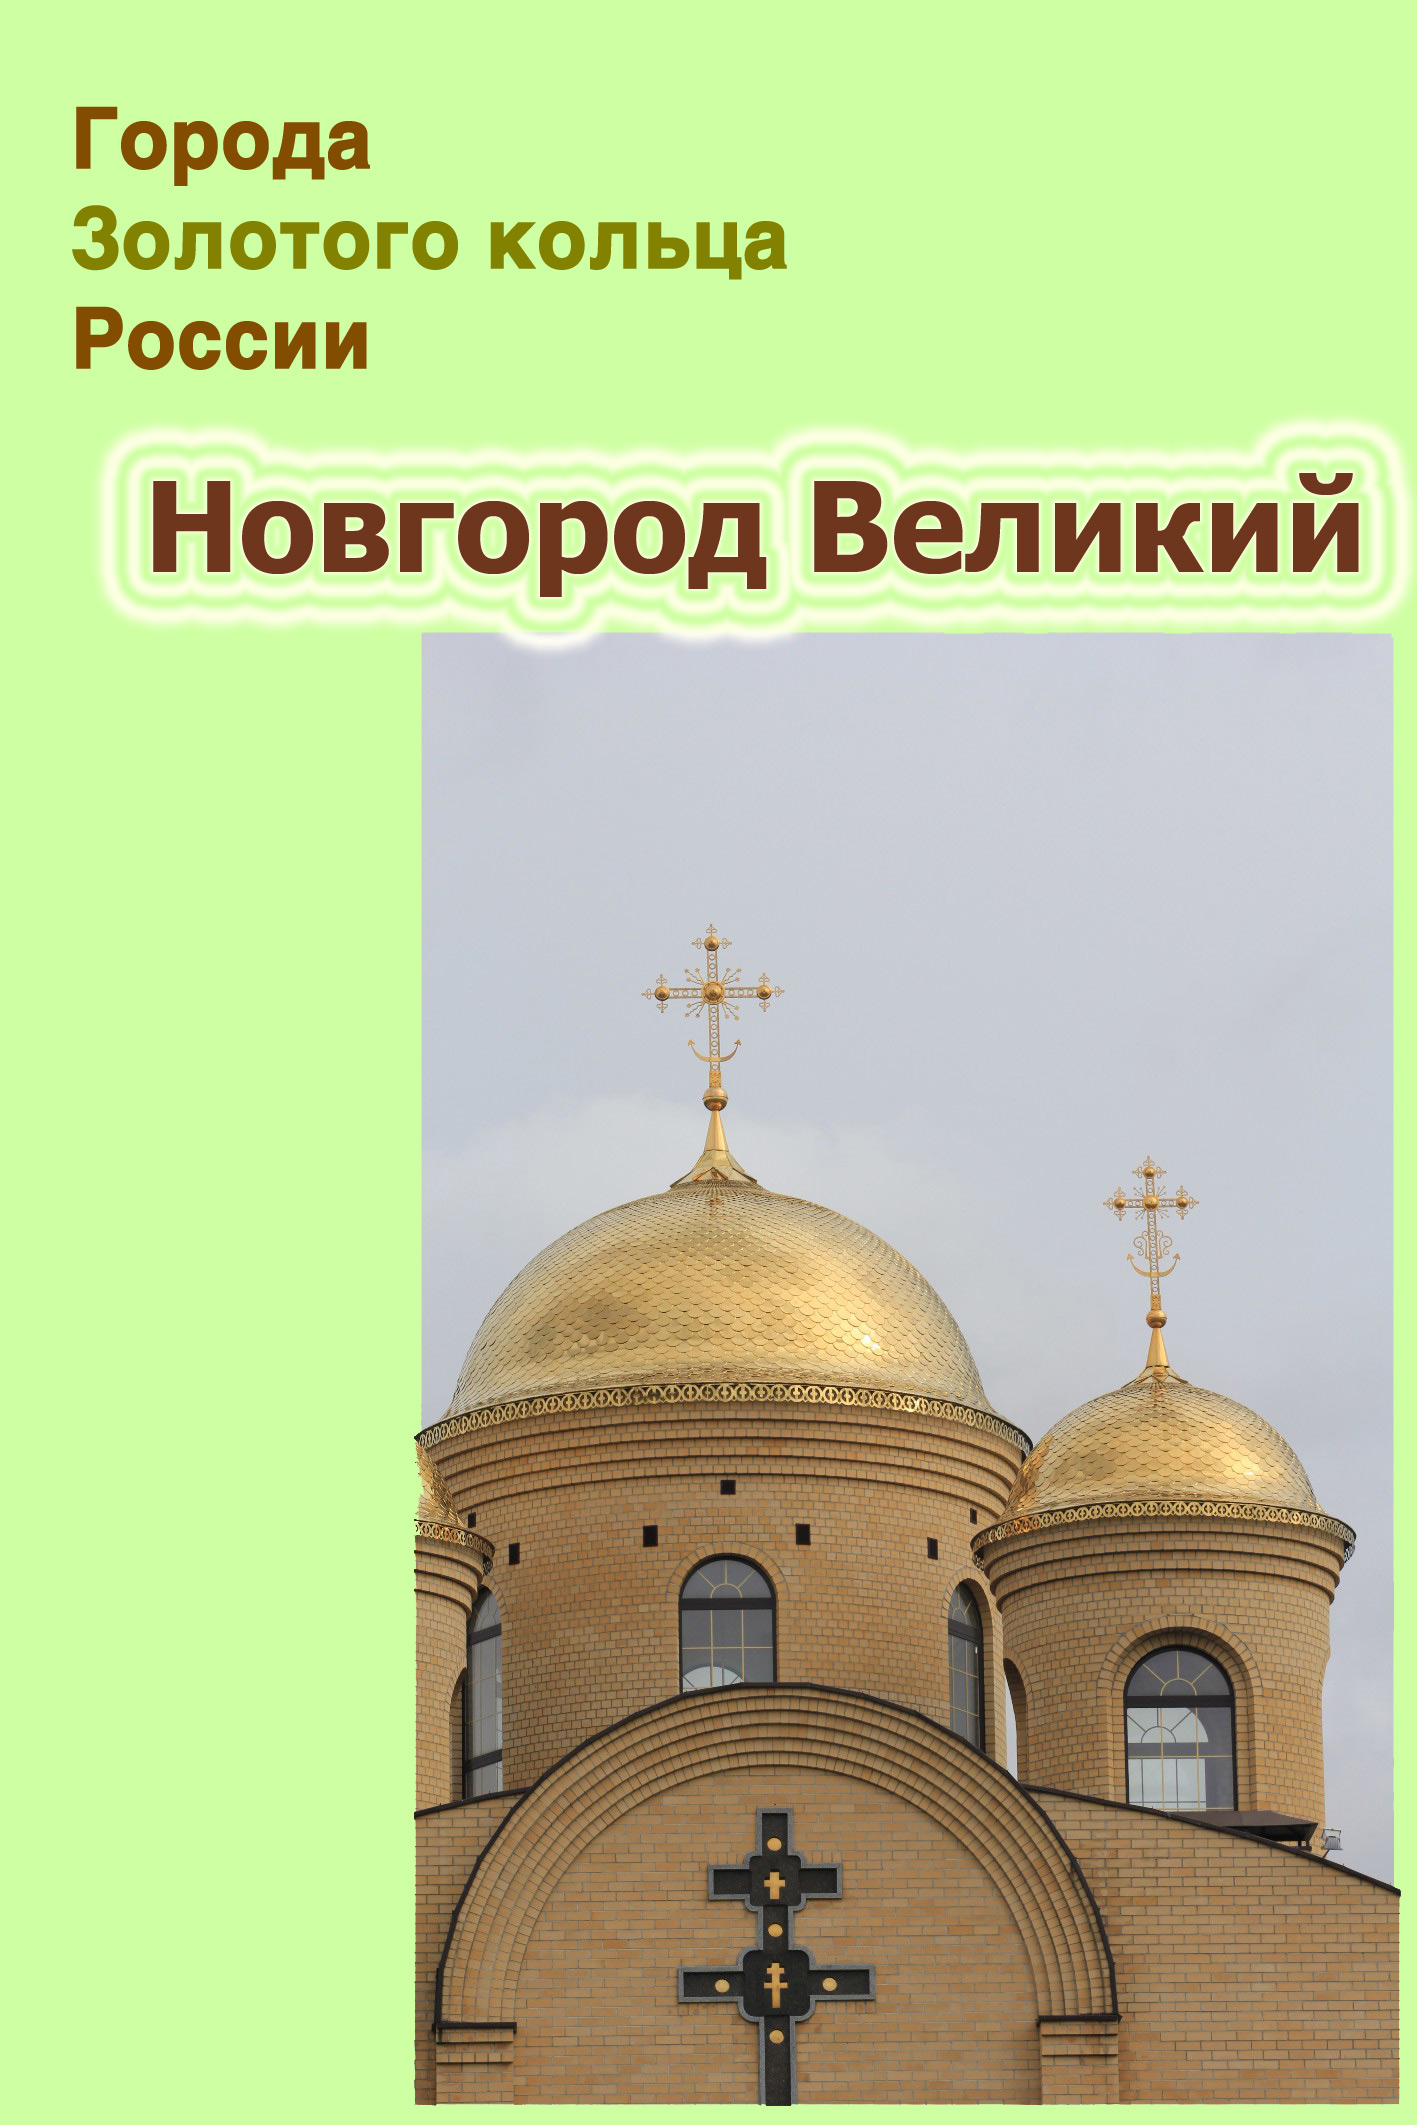 Отсутствует Новгород Великий